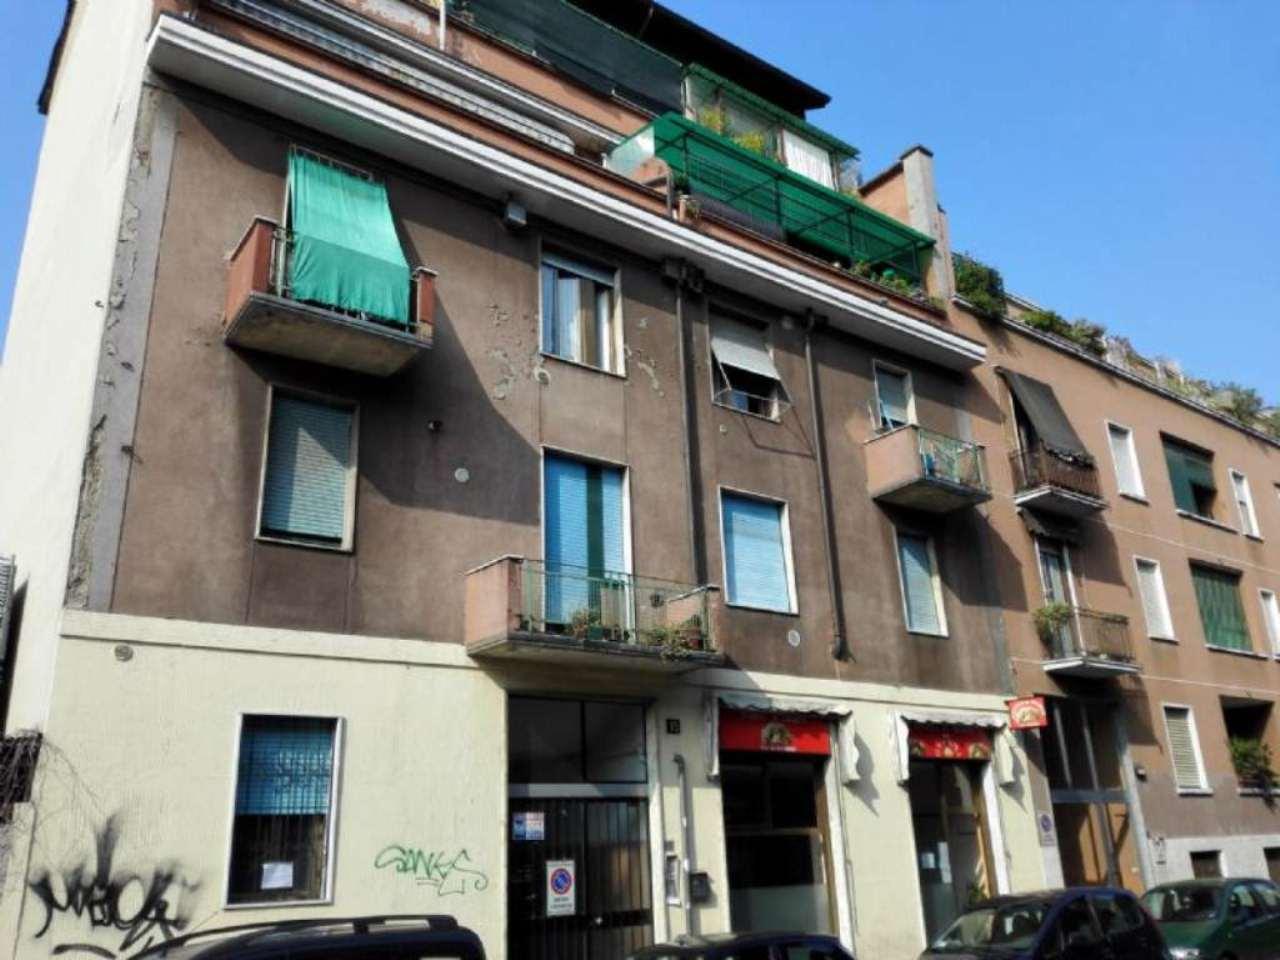 Appartamento in vendita a Milano, 2 locali, zona Zona: 3 . Bicocca, Greco, Monza, Palmanova, Padova, prezzo € 75.000 | CambioCasa.it